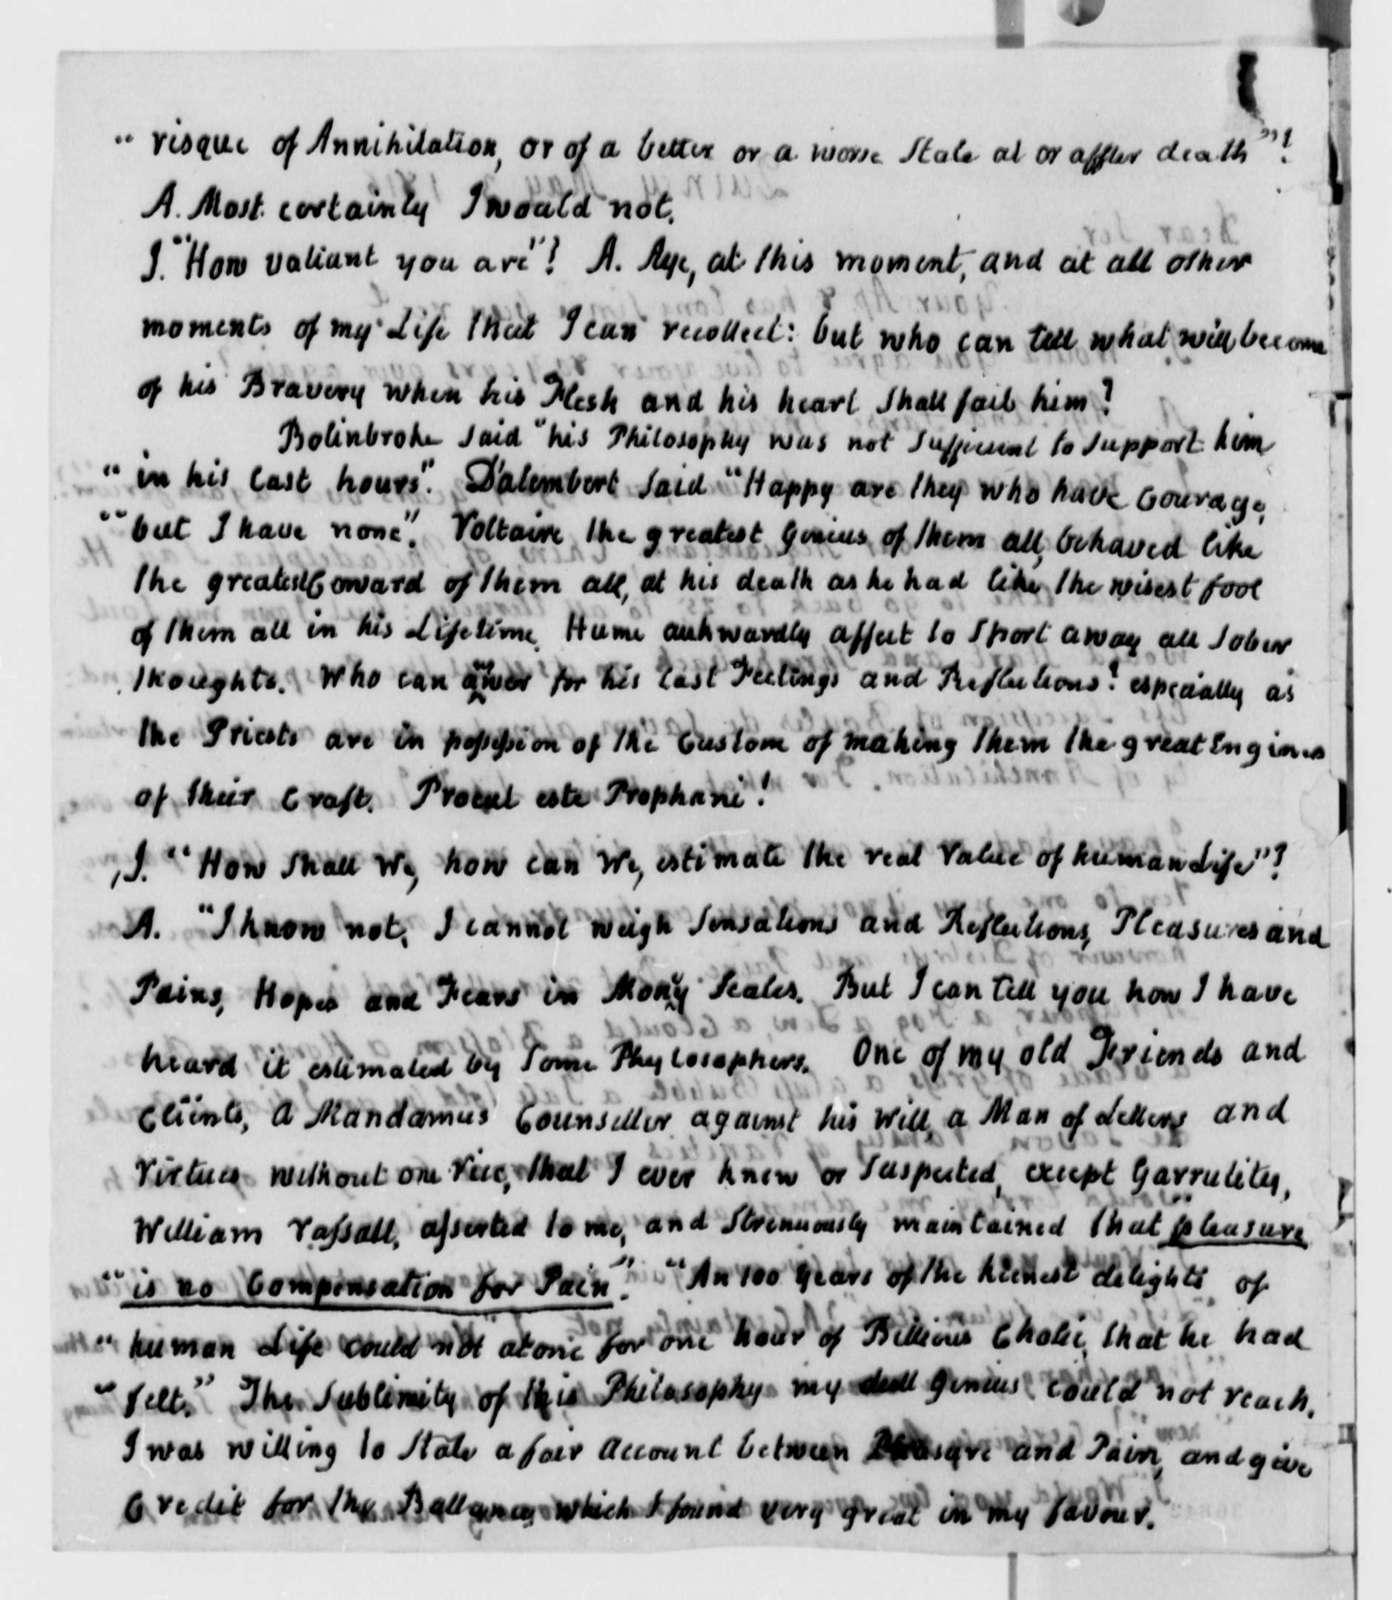 John Adams to Thomas Jefferson, May 3, 1816